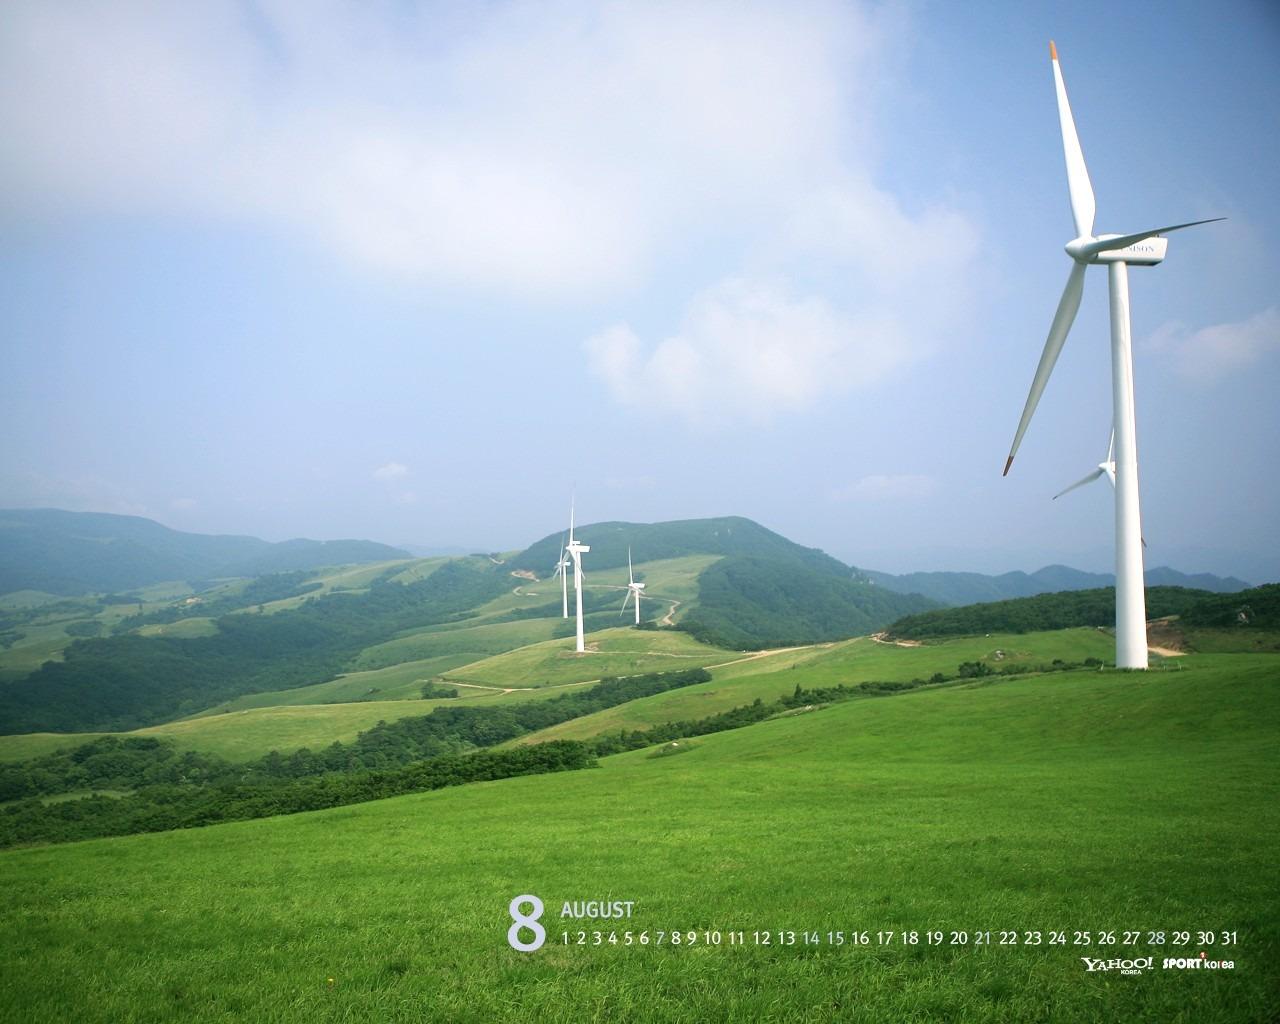 August Calendar Windmill Wallpaper #94333 - Resolution 1280x1024 px